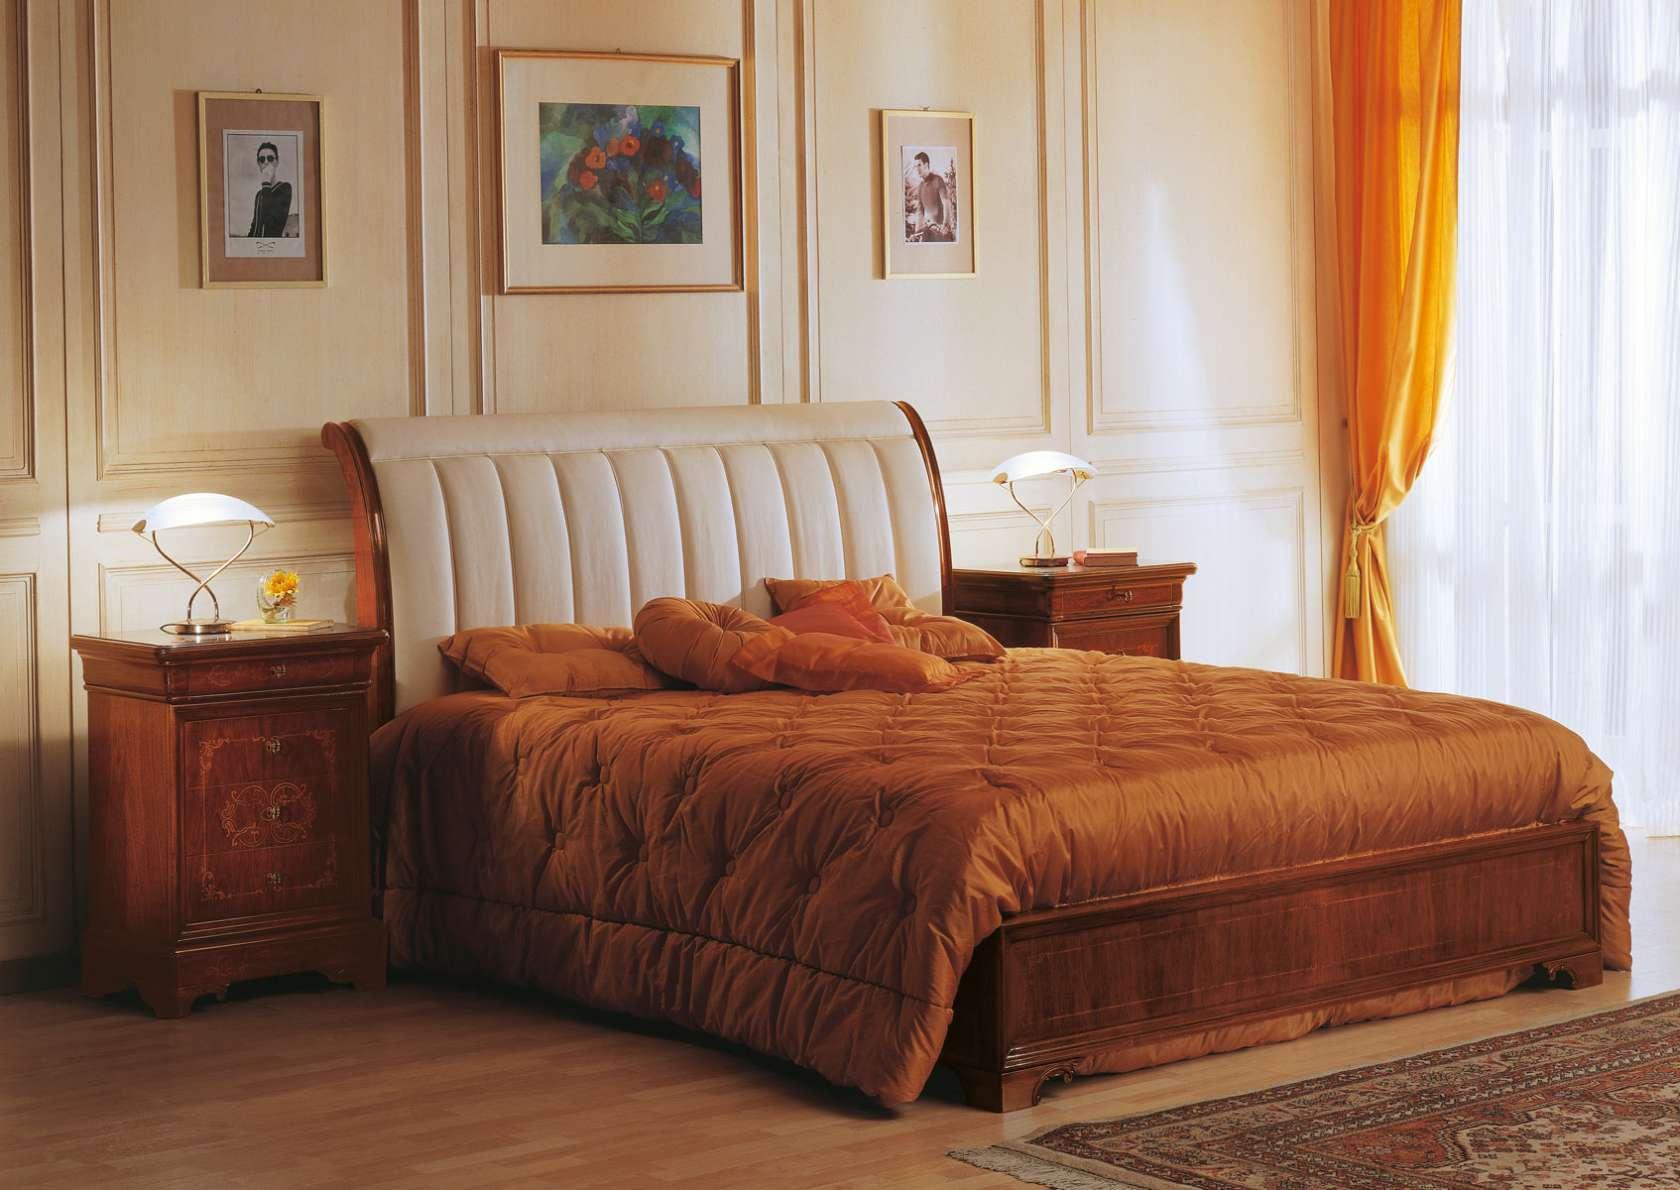 Camera da letto 800 francese letto con testata in pelle vimercati meda - Camere da letto in pelle ...